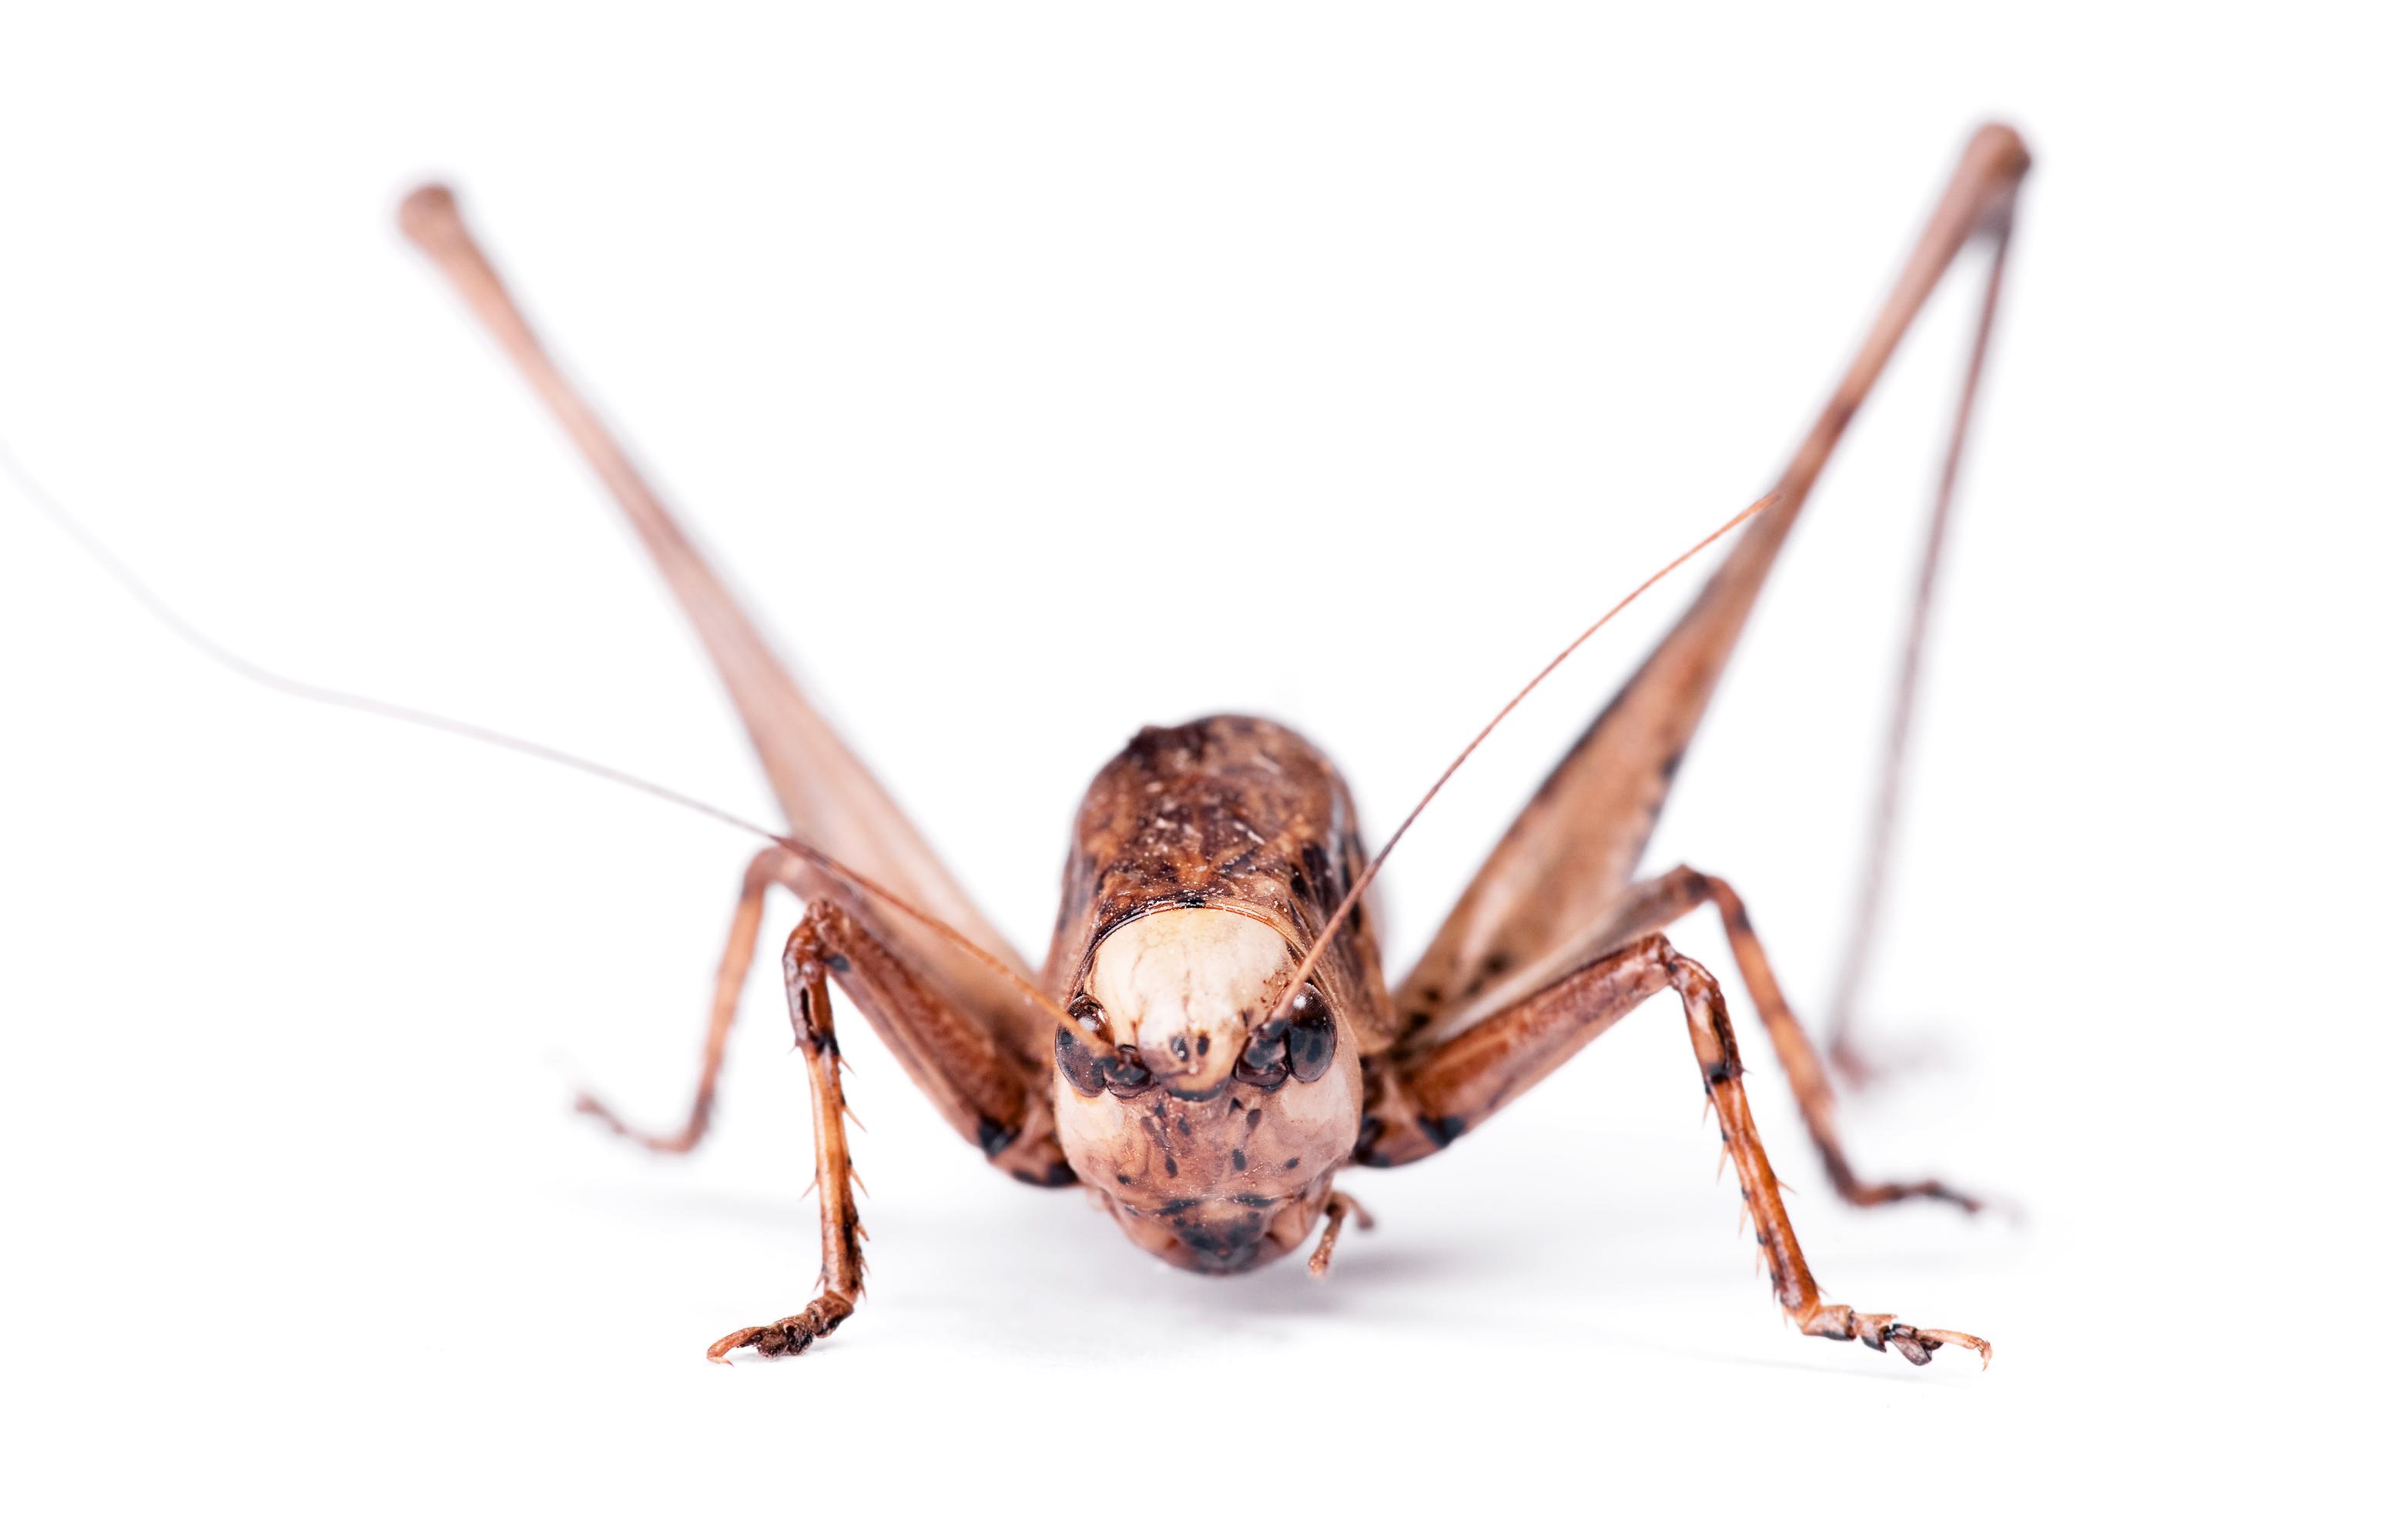 Grasshopper, Animal, View, Studio, Single, HQ Photo